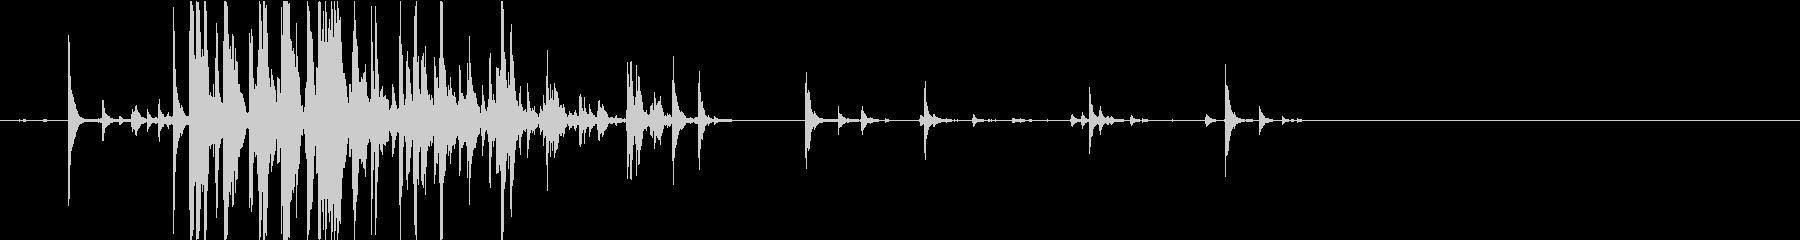 【生録音】瓶の中の錠剤が転がる音の未再生の波形